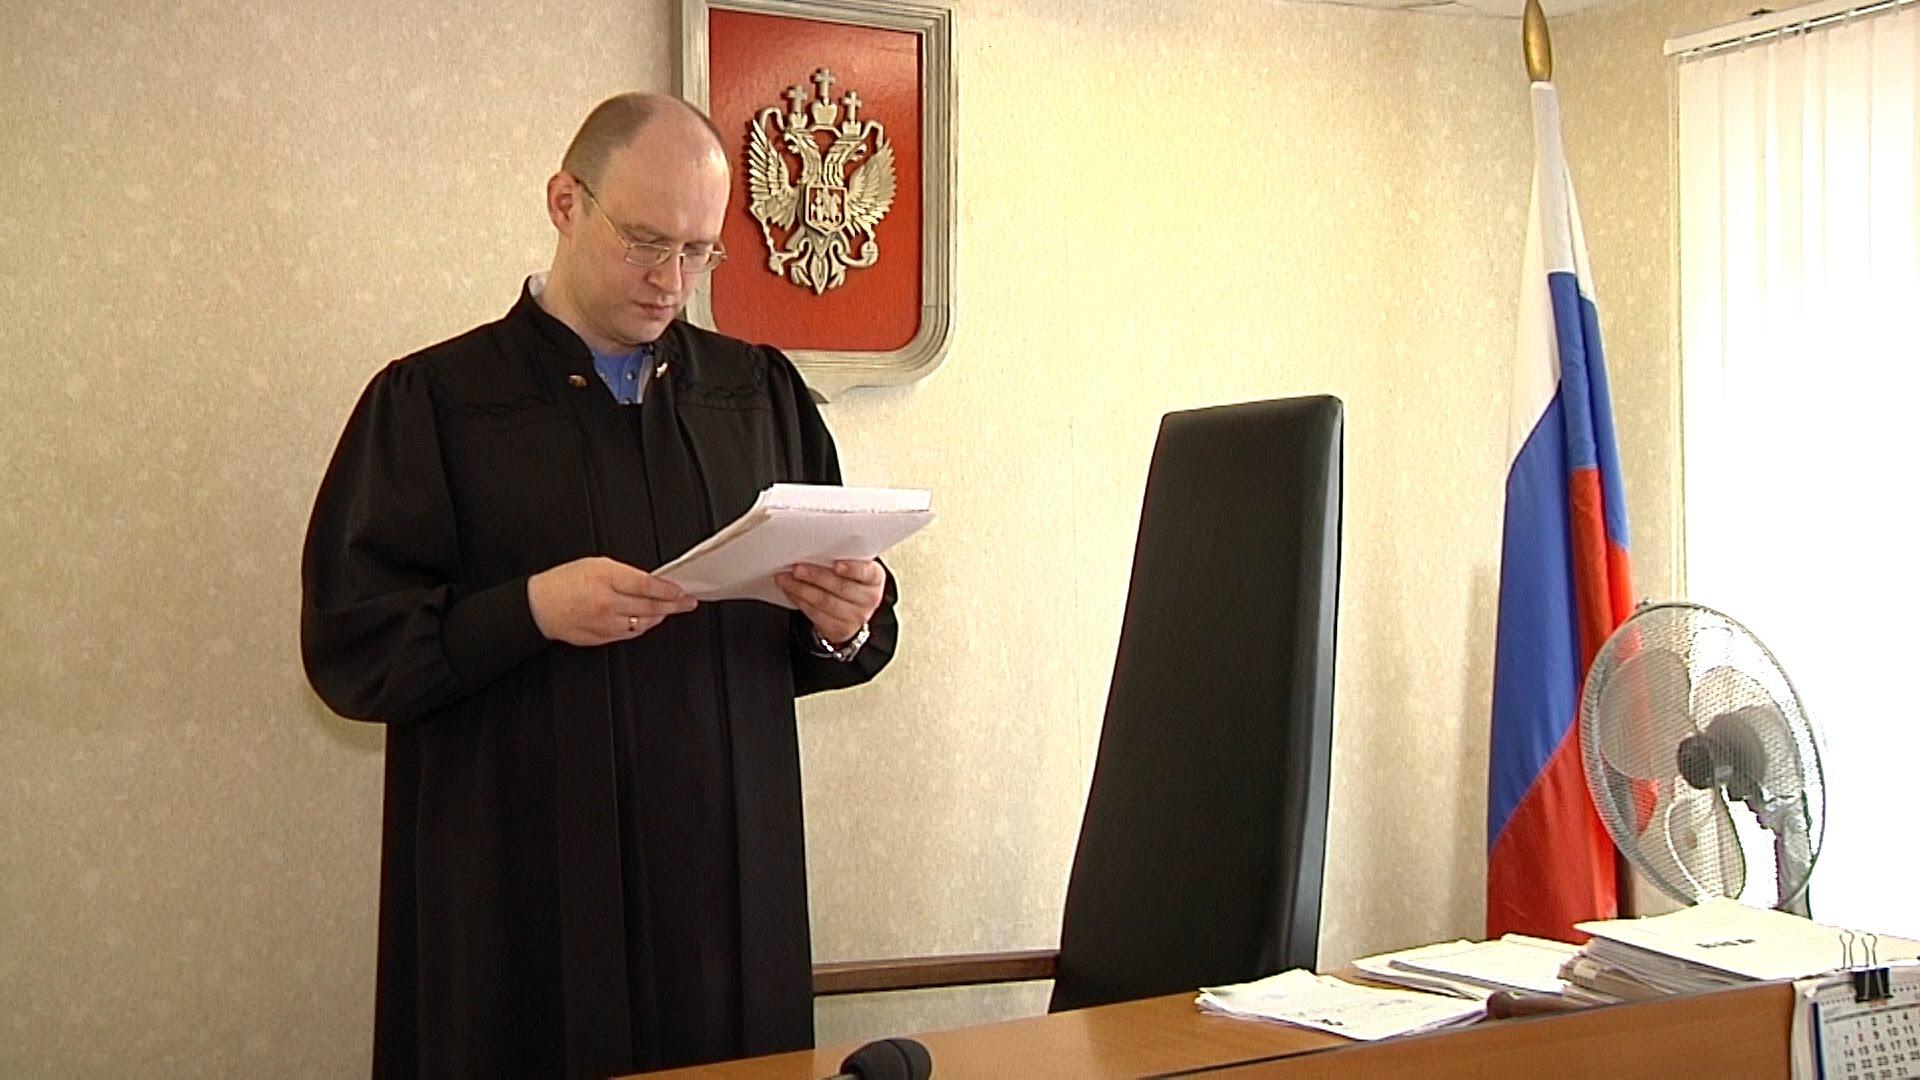 Жалоба на мирового судью в прокуратуру